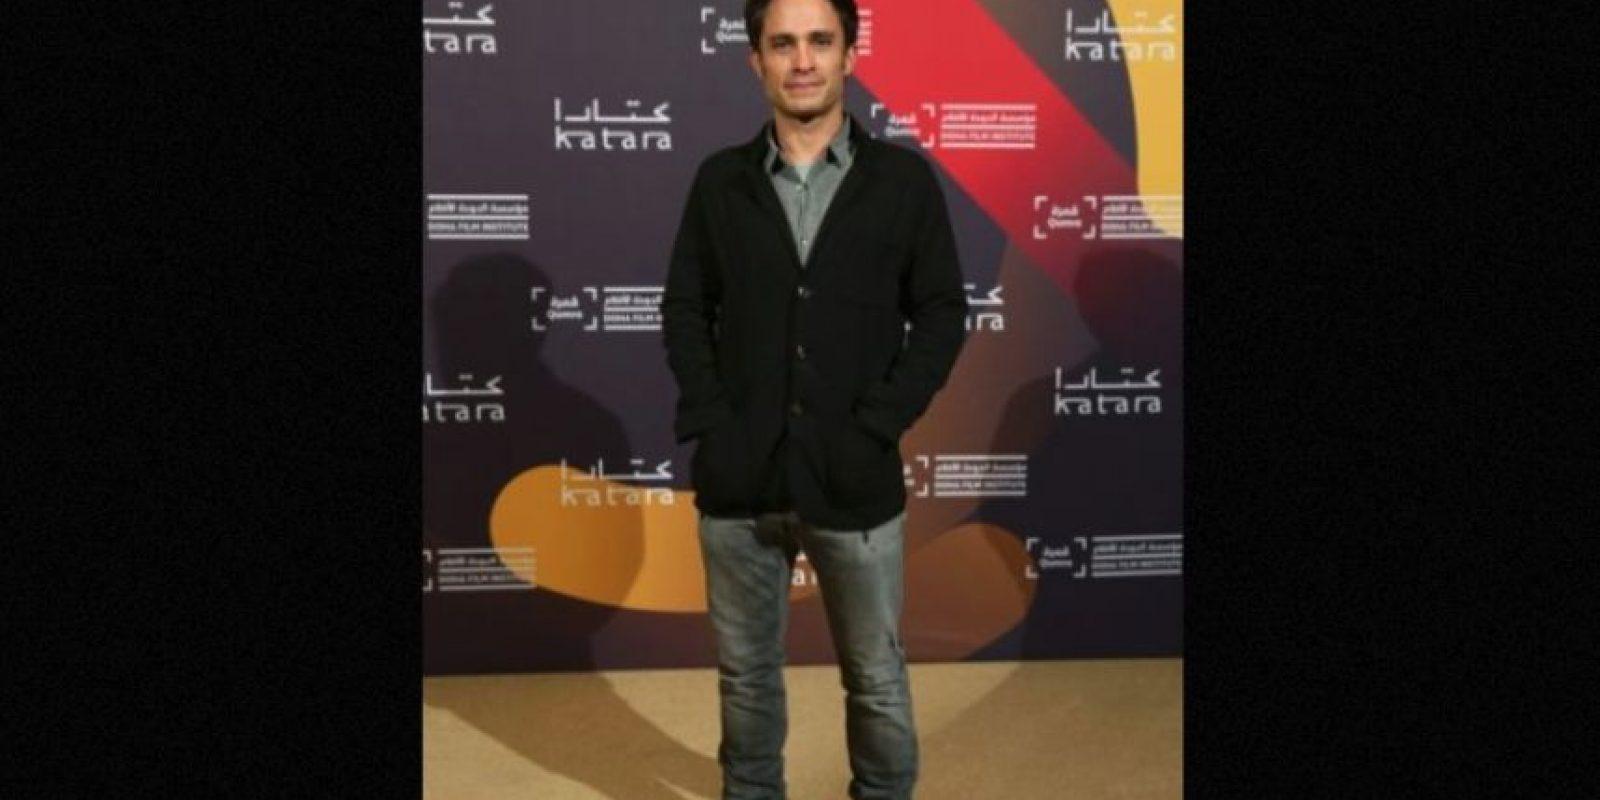 """El actor se limitó a pedir: """"no gastemos tiempo en un imbécil"""", según lo citó el periódico """"El Universal"""". Foto:Getty Images"""